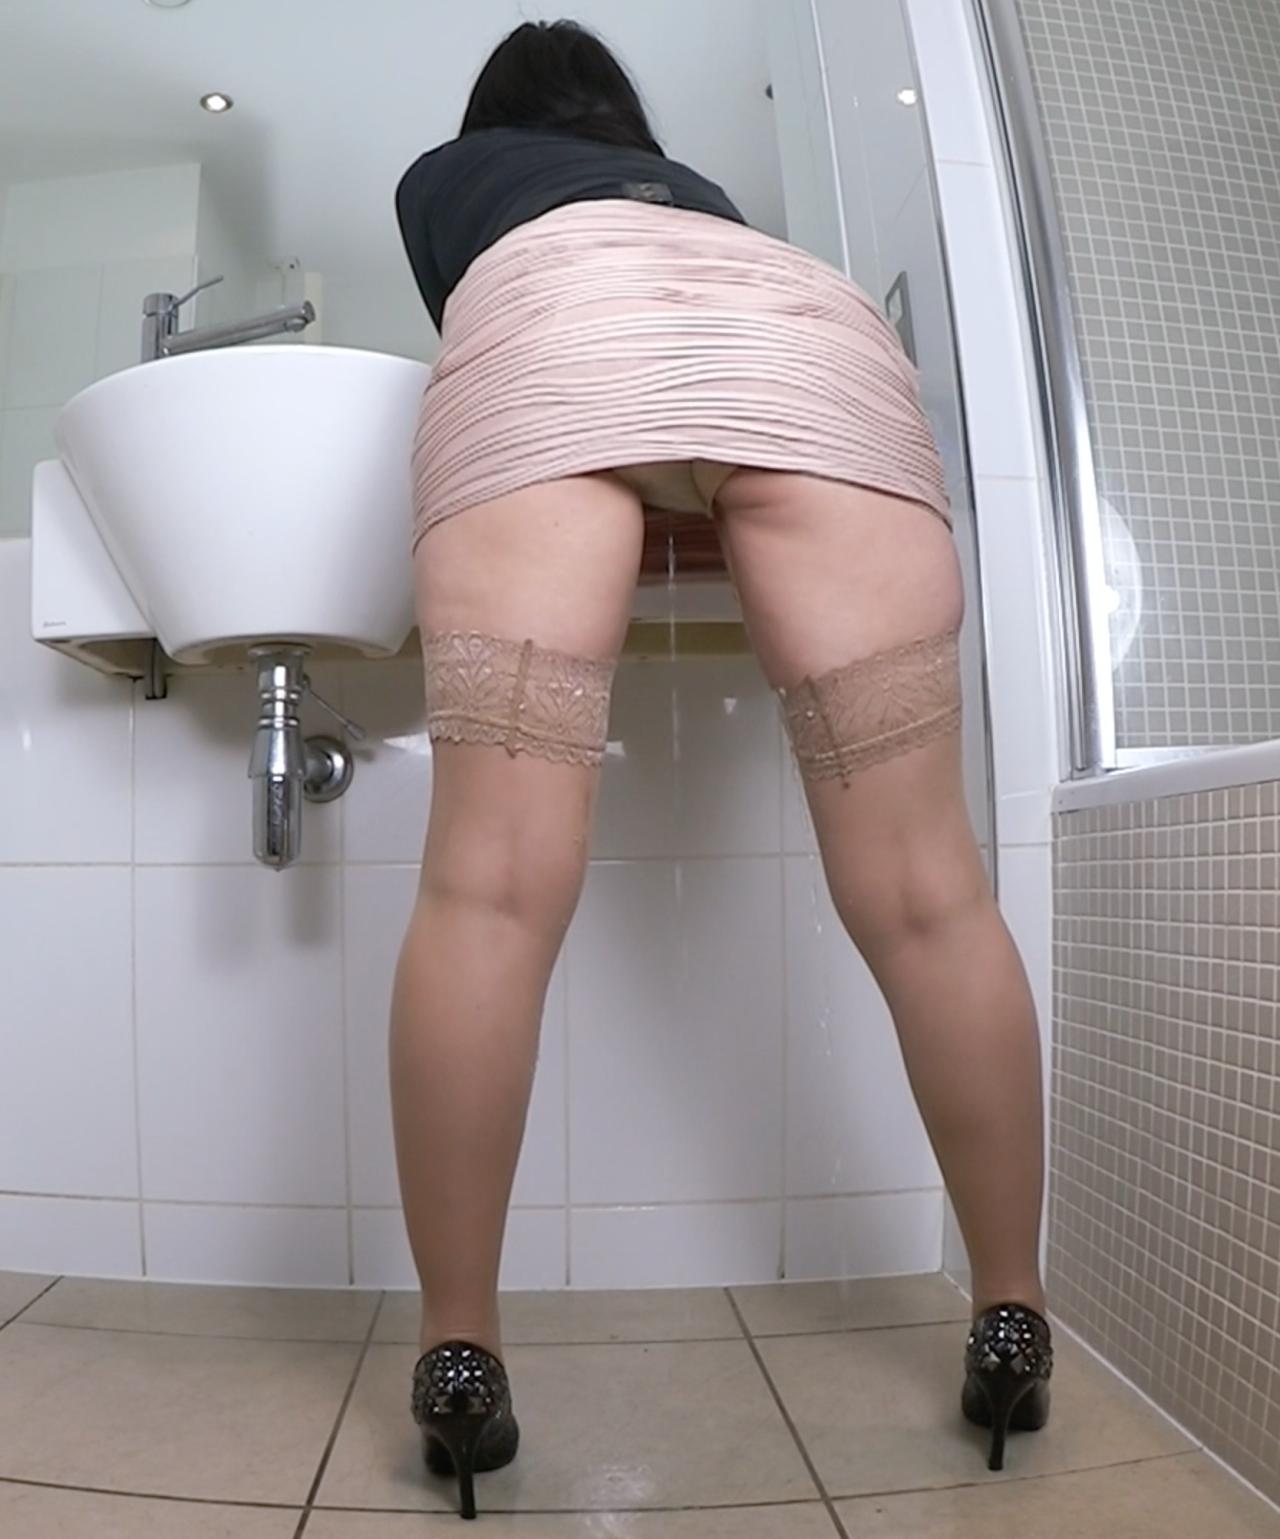 Pissing In Plastic Panties